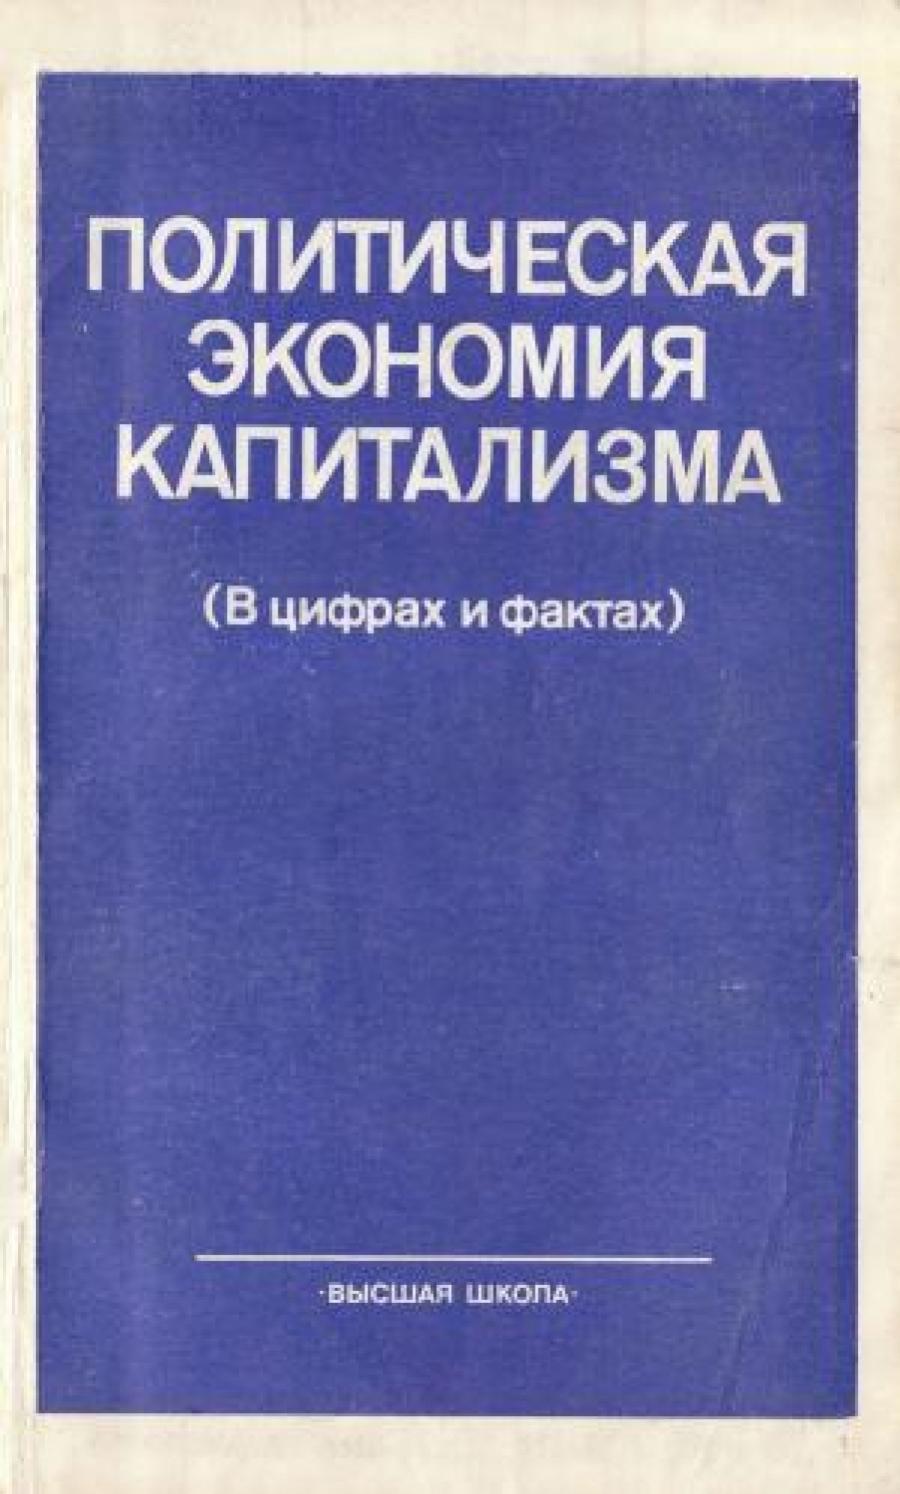 Обложка книги:  москвин д.д. - политическая экономия капитализма